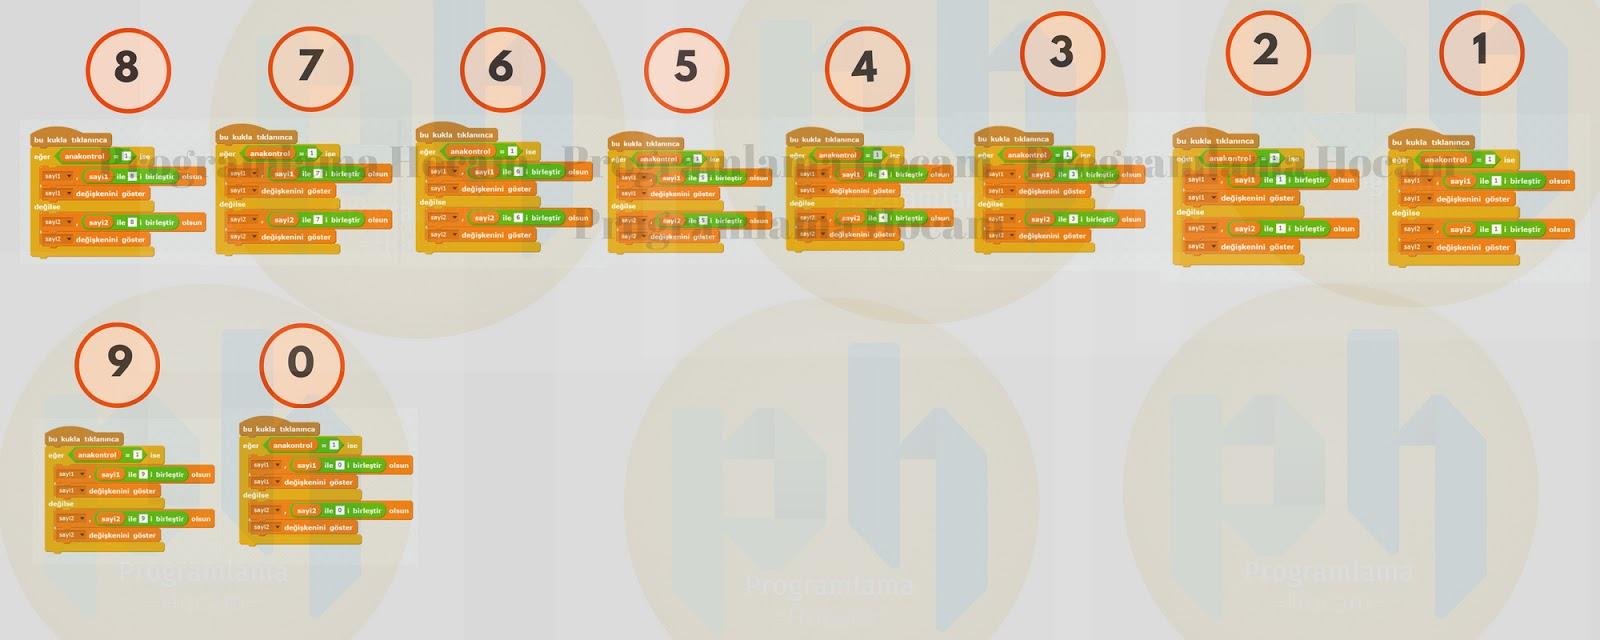 hesap makinası buton kodları